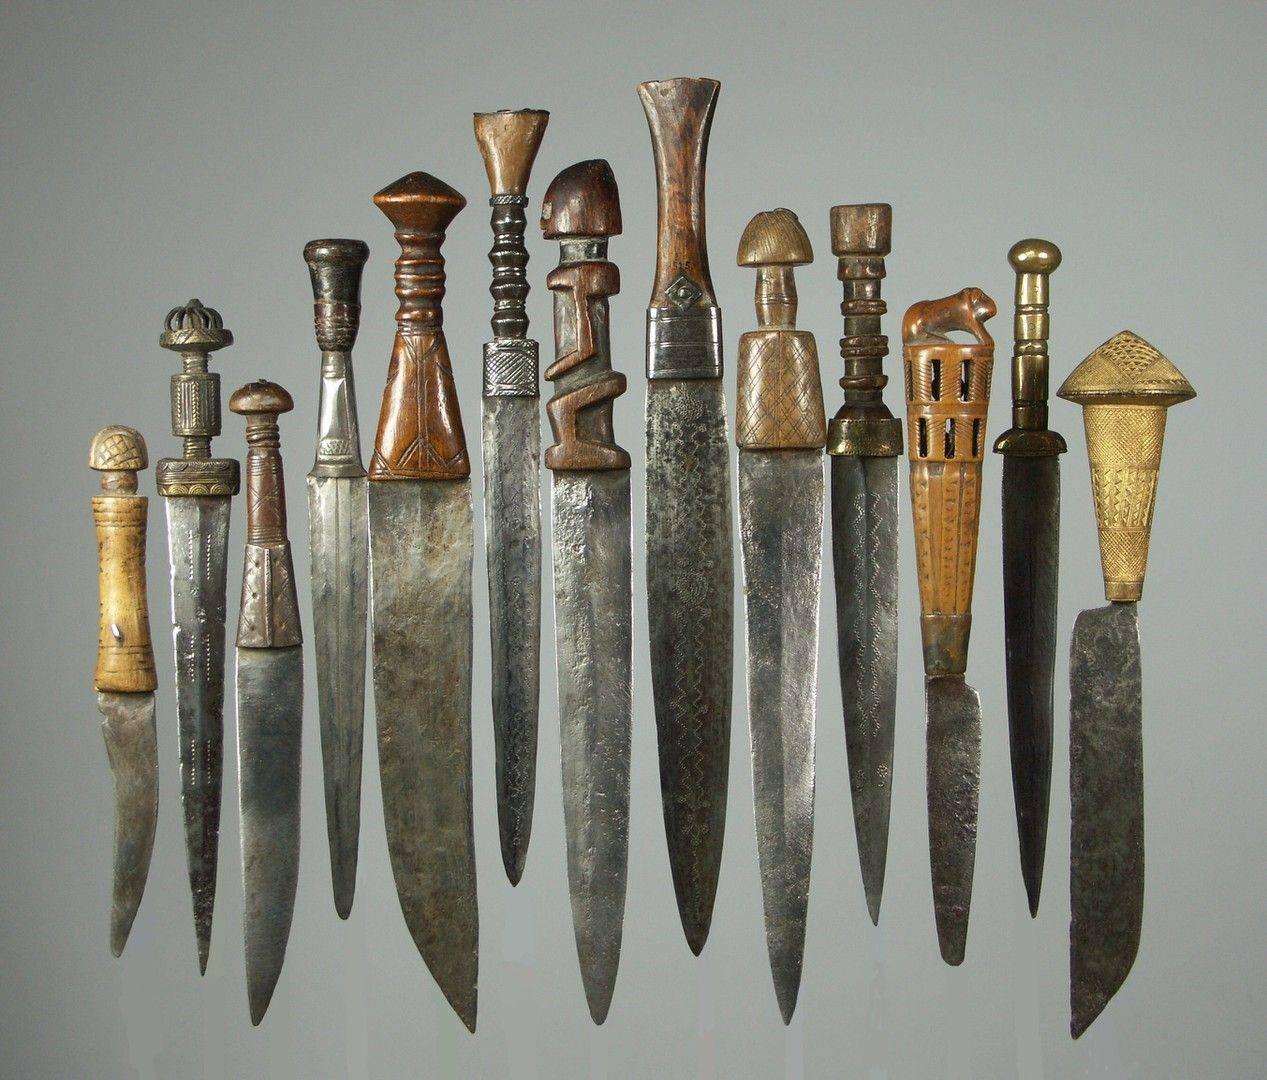 Рассмотрим устройство основных образцов холодного оружия — студопедия